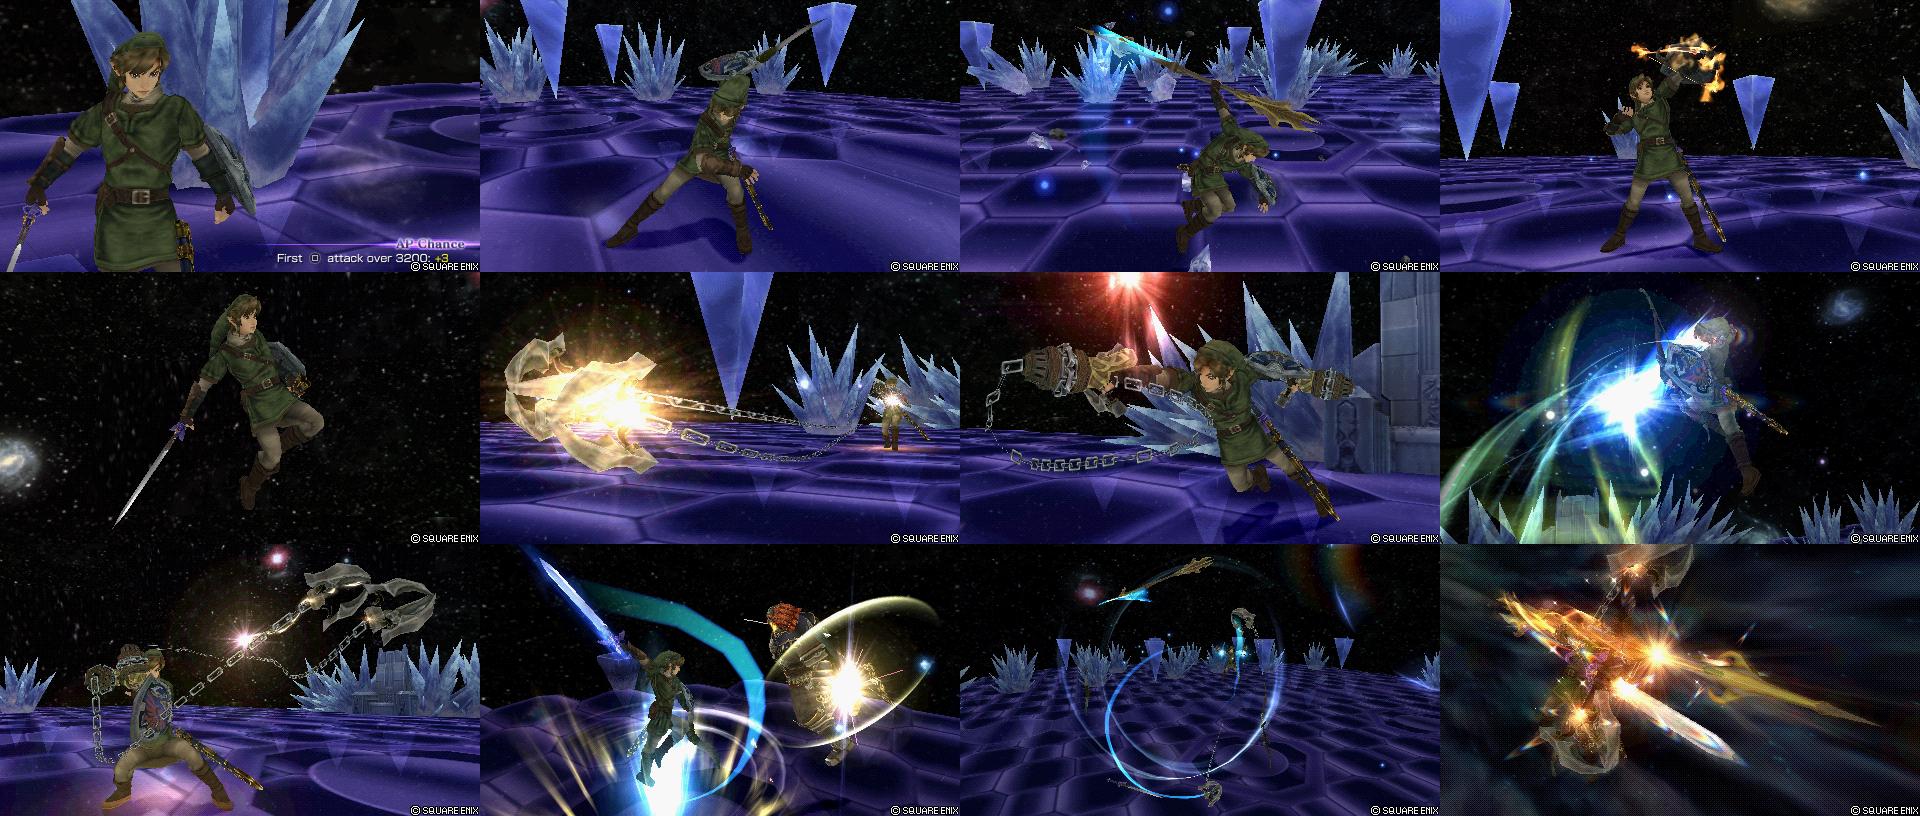 SatoshiKura's Mods: Hyrule Warriors Link released - Mods